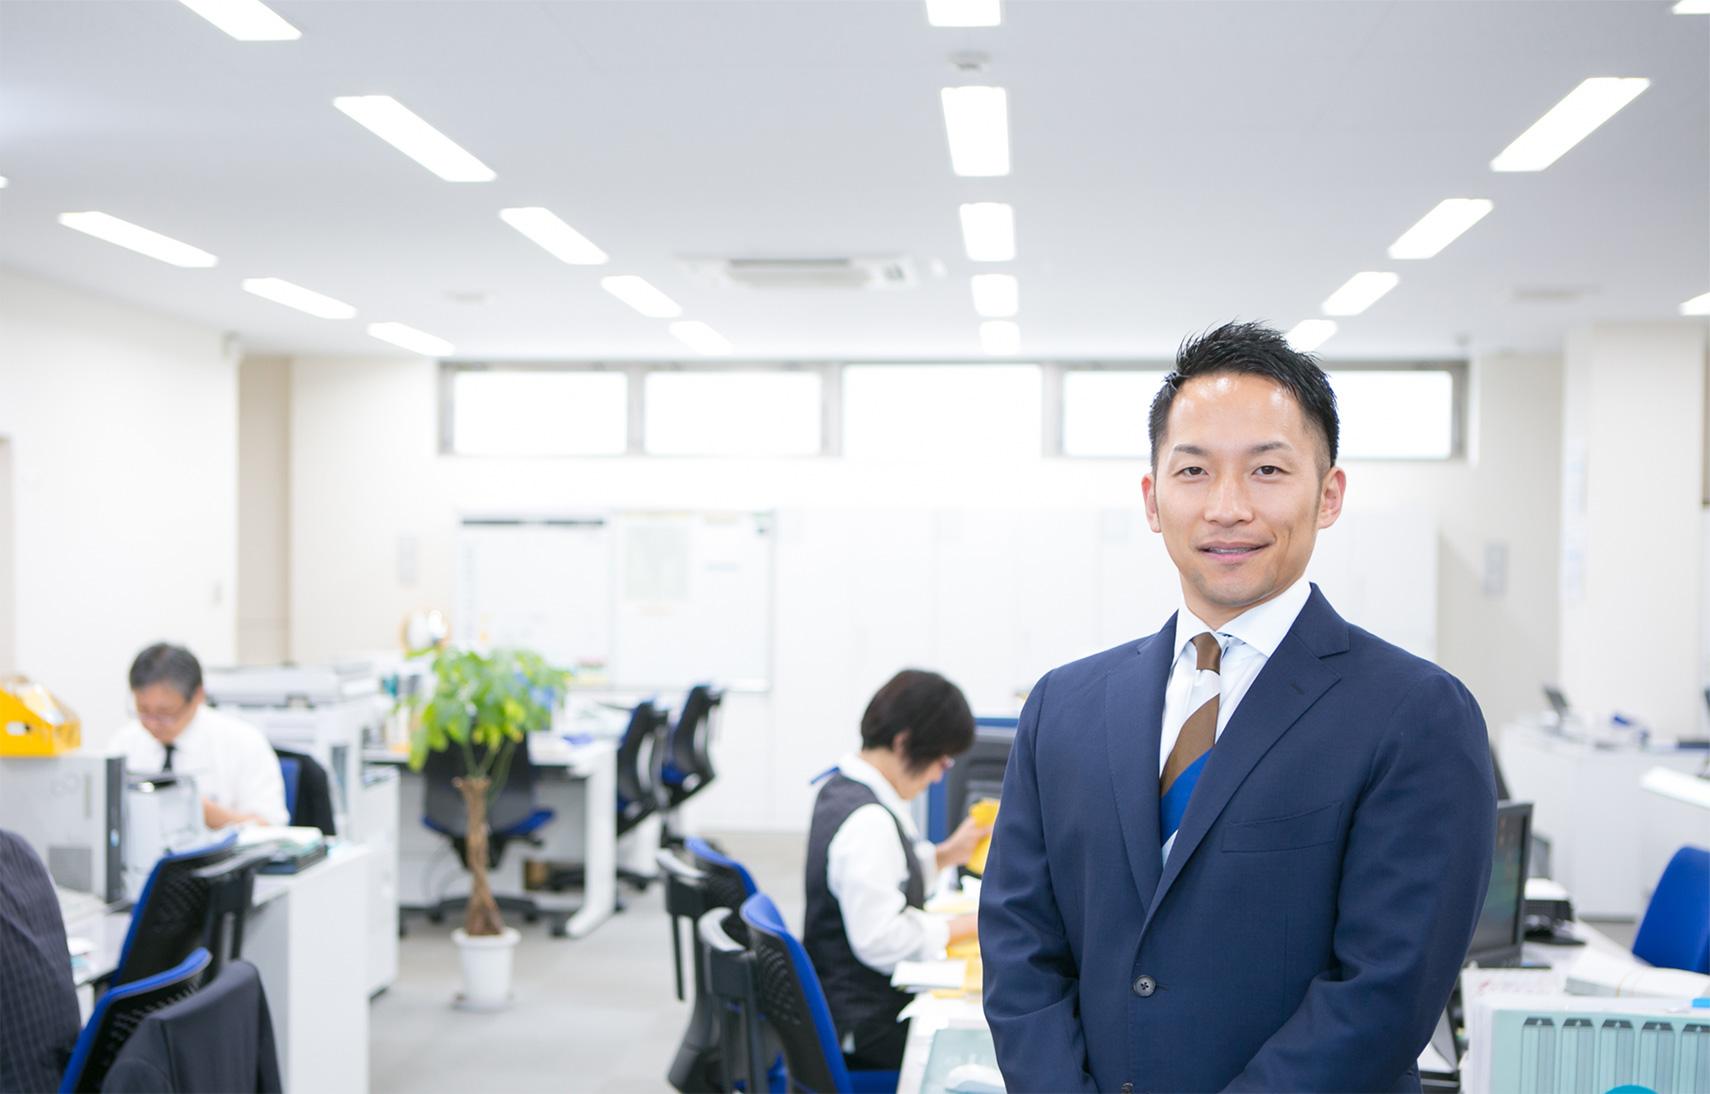 「どうすれば多くの人に喜んでもらえるか」そこにこだわってみませんか? 取締役 営業部長 波田 宗樹